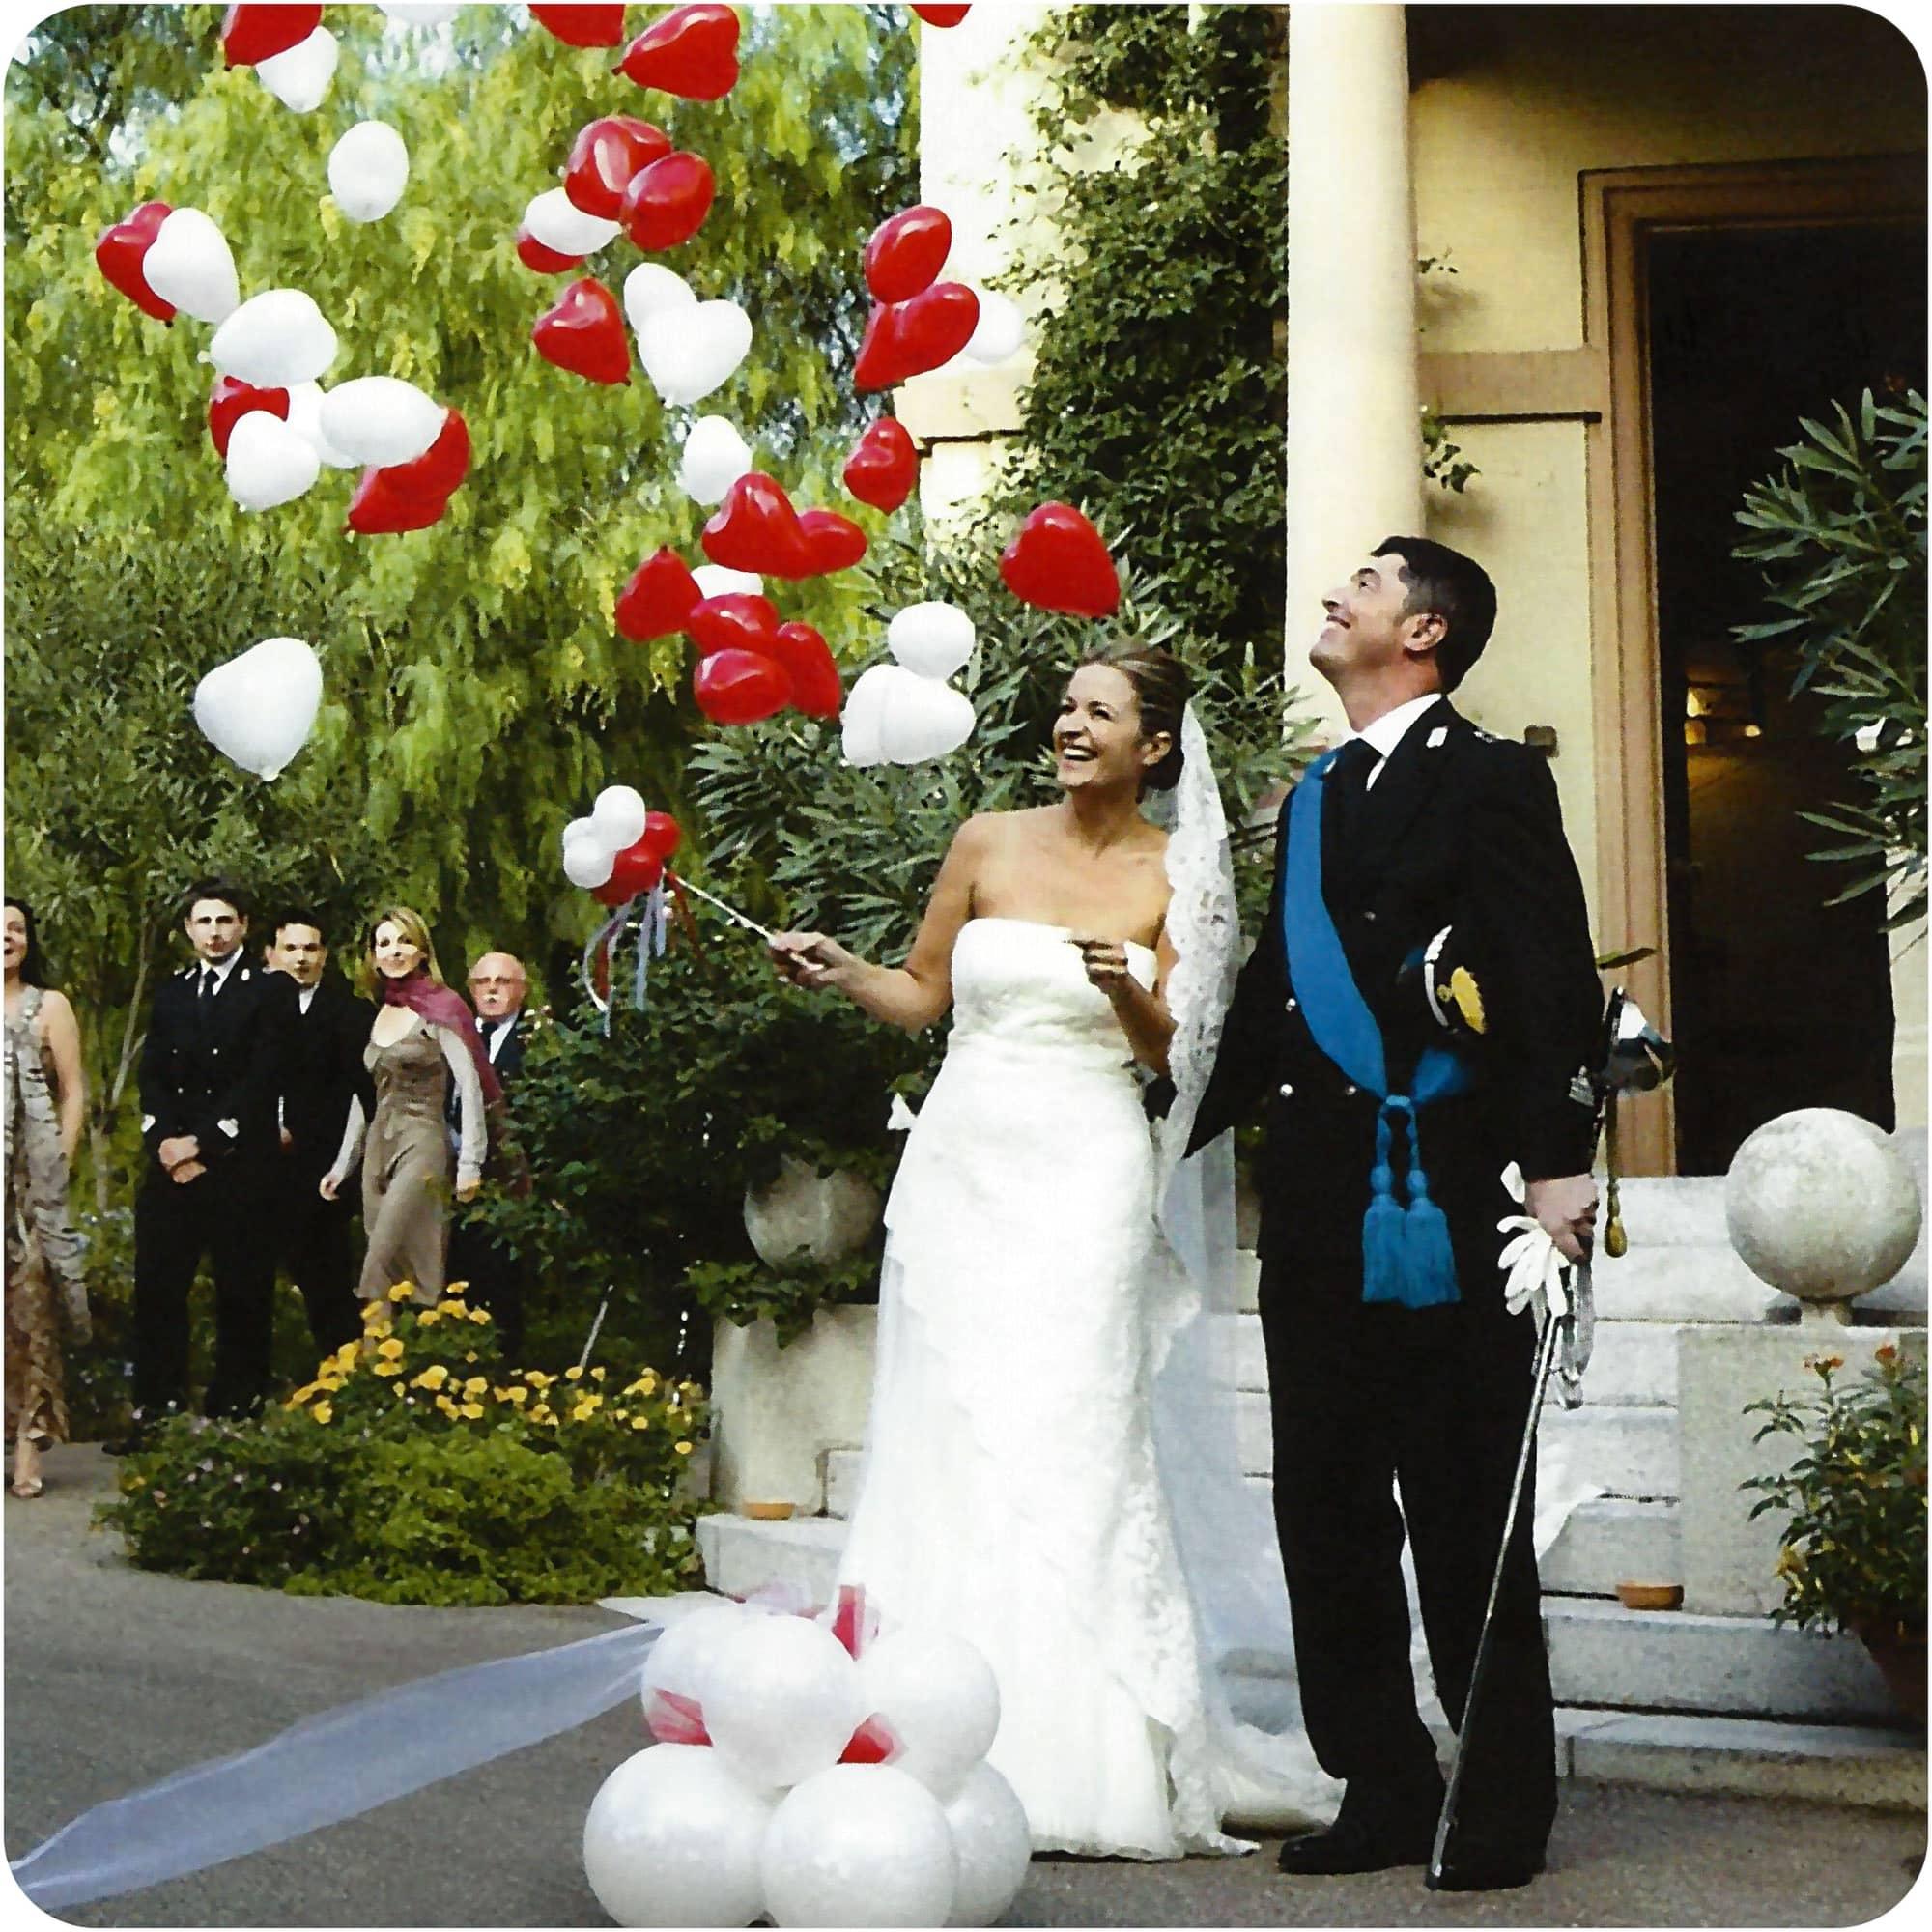 Brautpaar sticht Luftballon an platzt Herzen